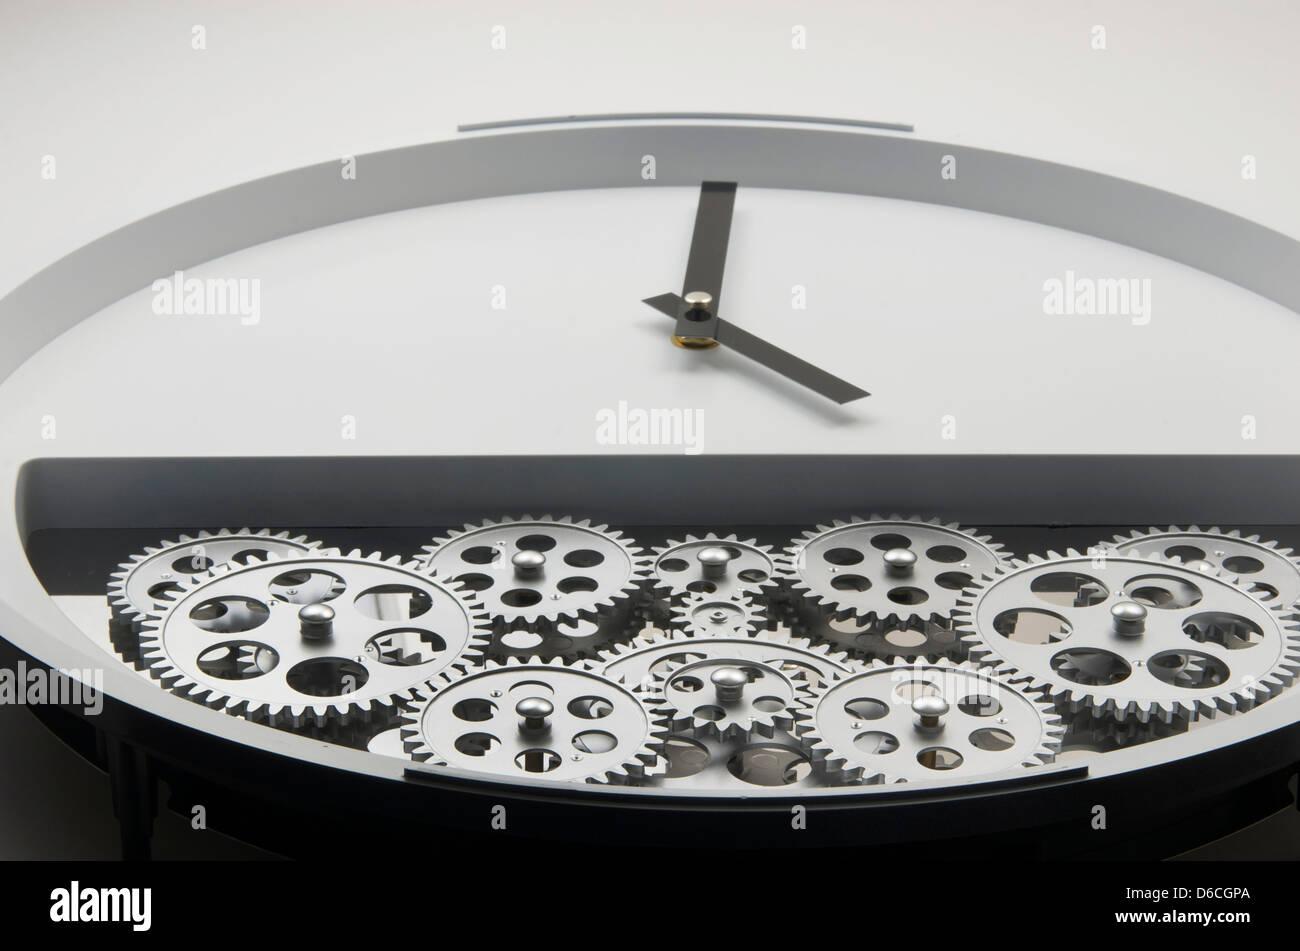 Horloge moderne blanc avec les mains noires et d'engins dans c'est moitié inférieure qui font Photo Stock